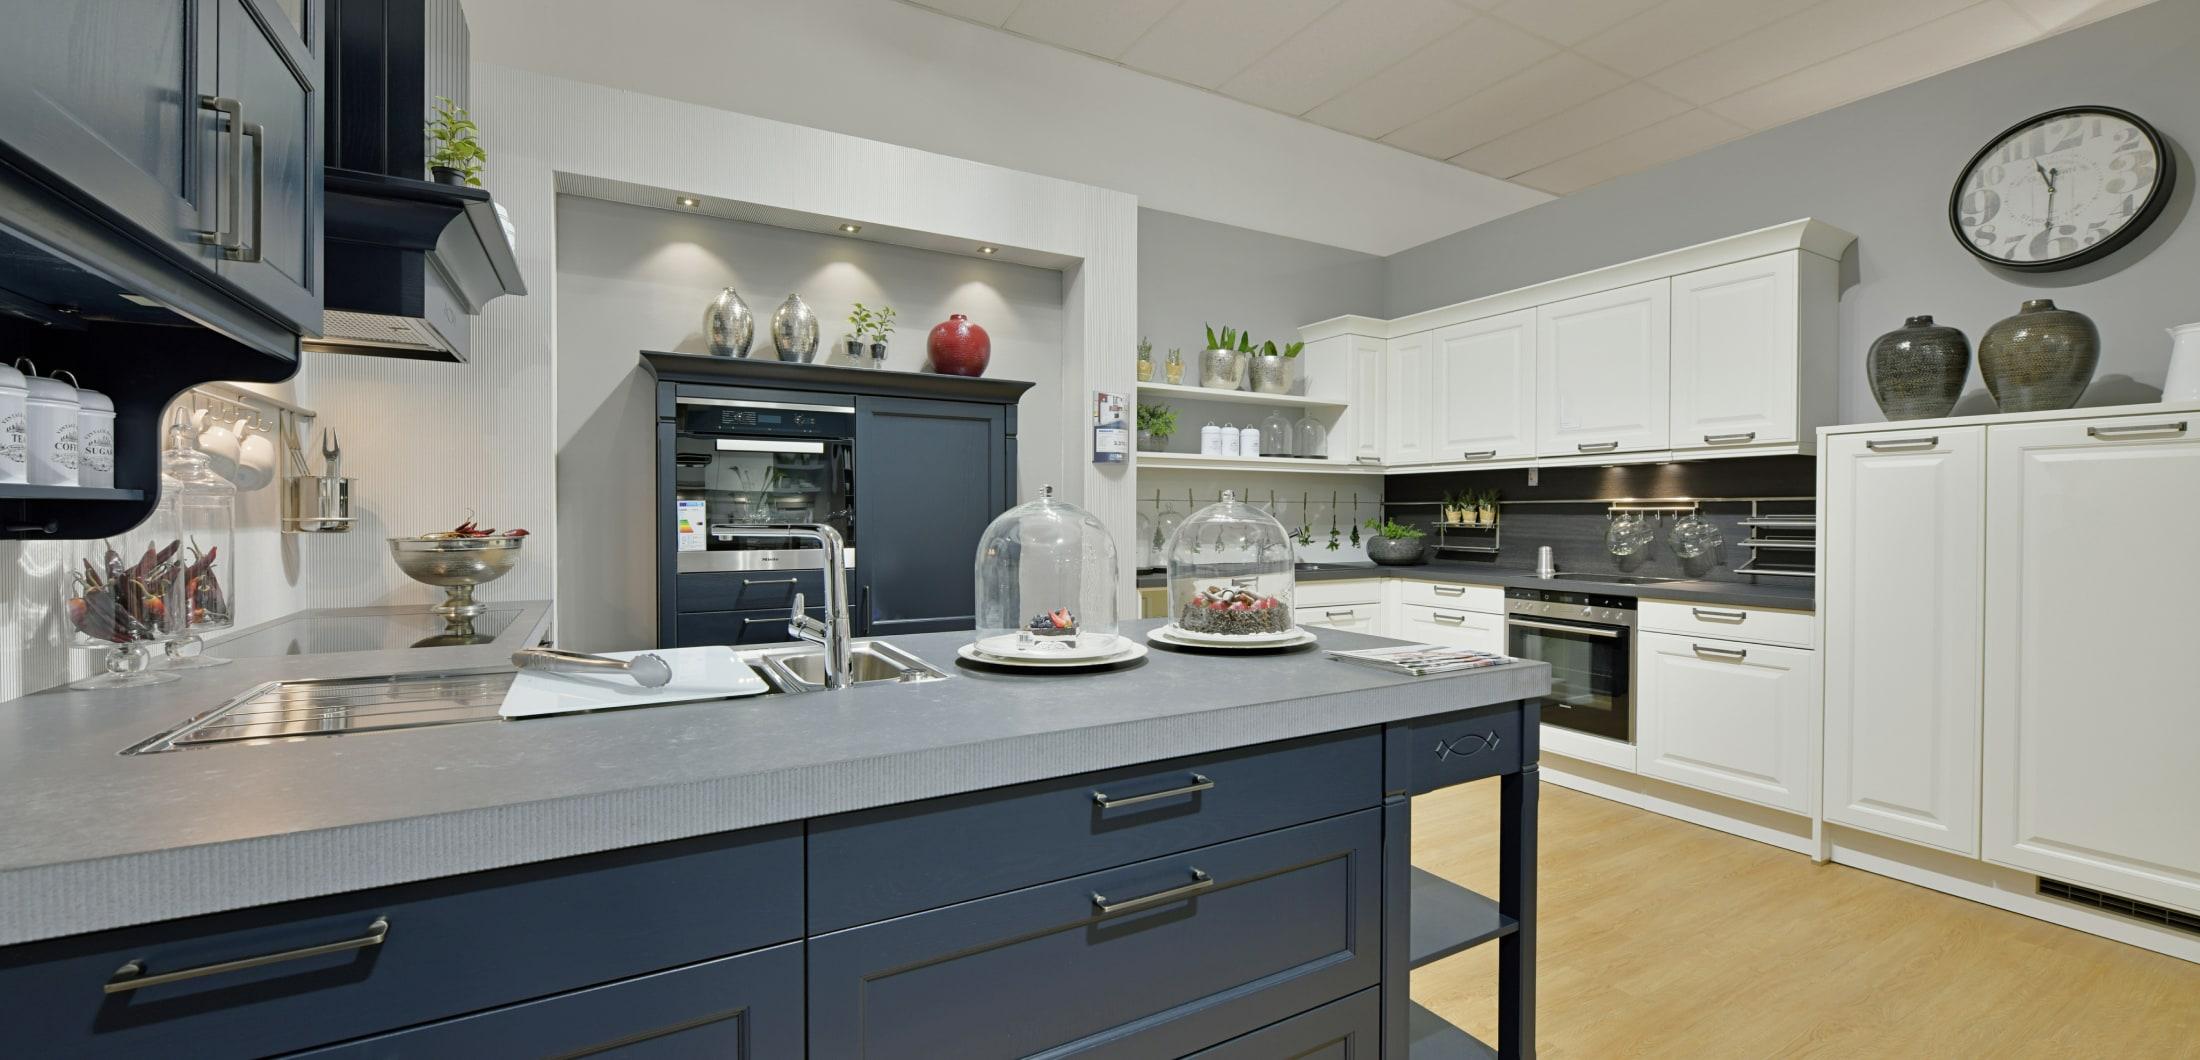 moderne Landhausküche mit Kücheninsel und blauen Fronten